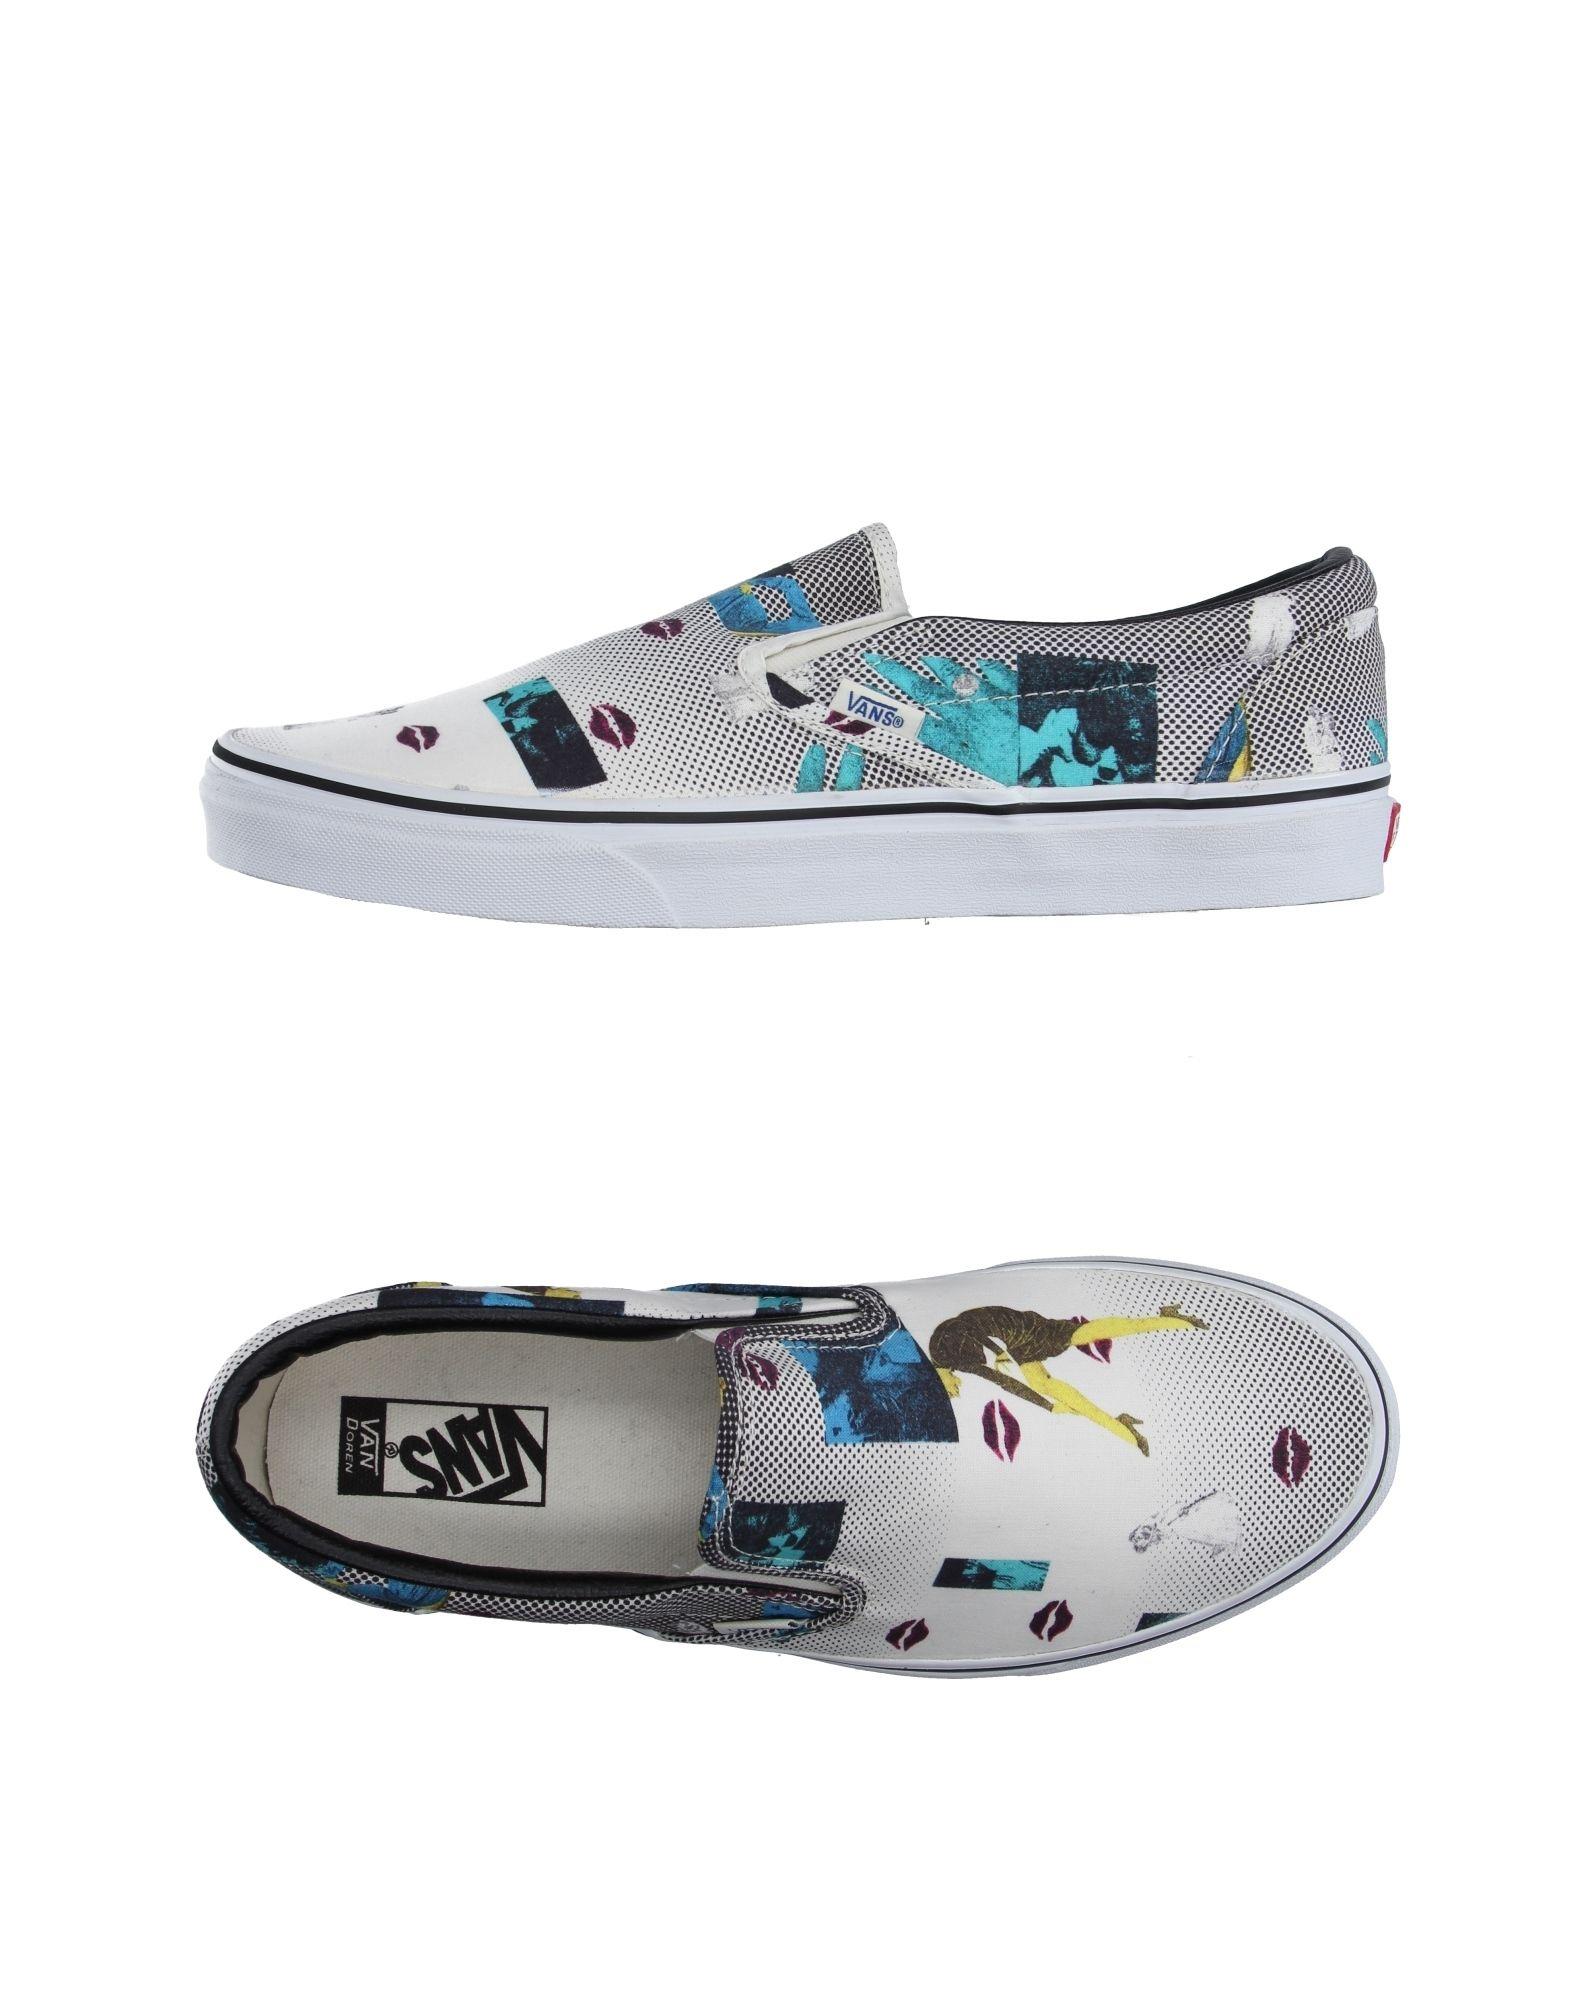 Rabatt Herren echte Schuhe Vans Sneakers Herren Rabatt  11123994VJ b5afe1